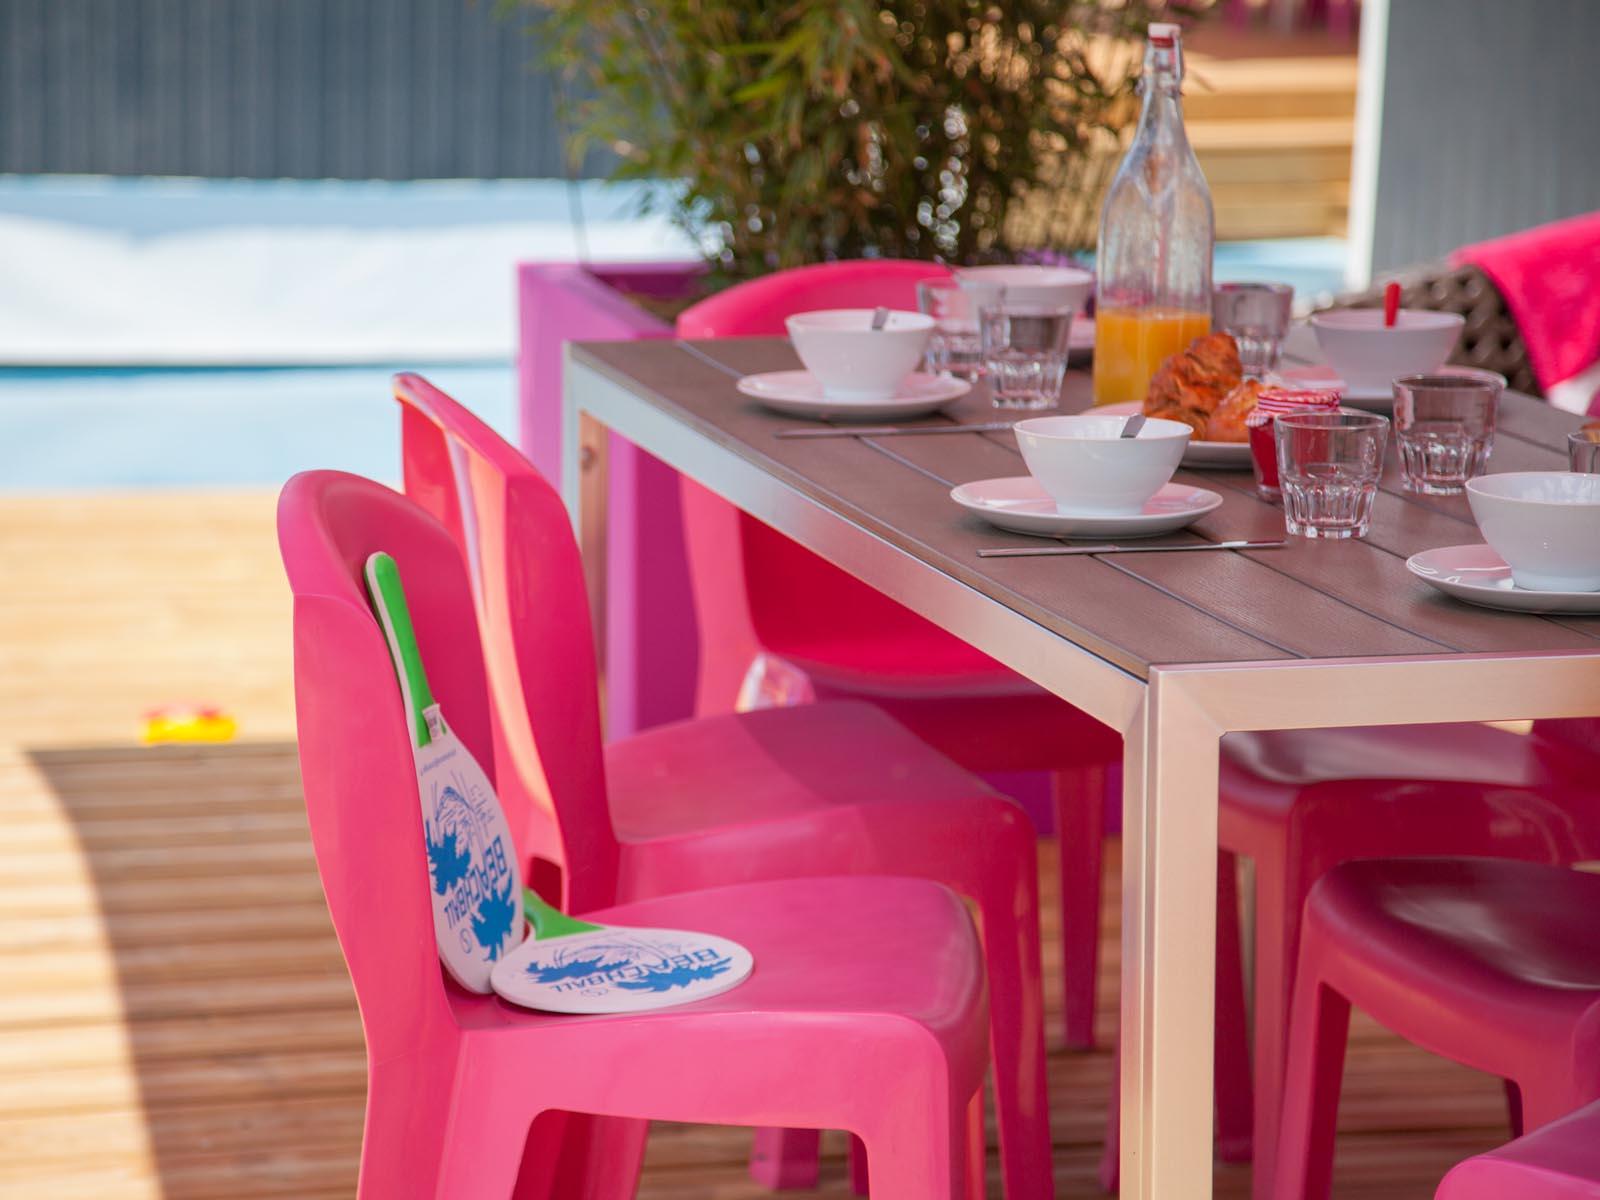 Chaises roses et table de jardin sur terrasse